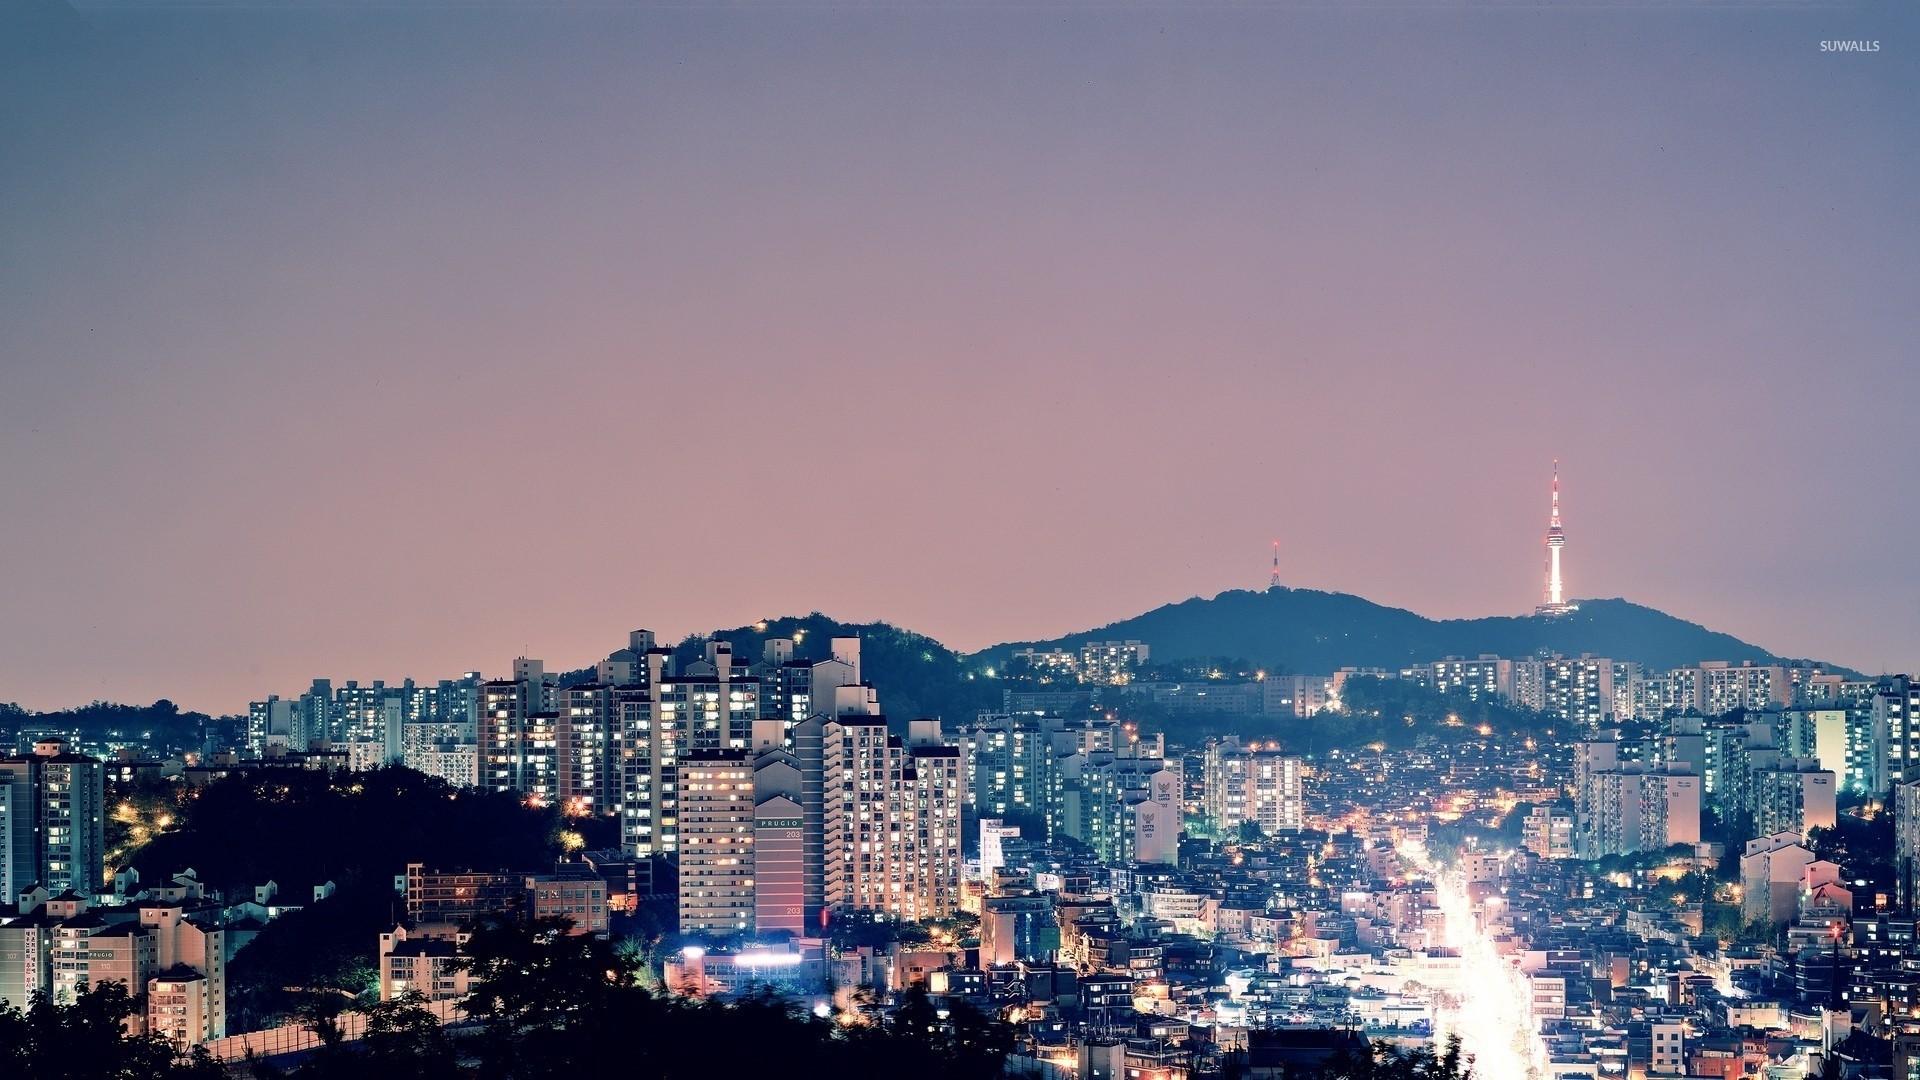 Seoul Wallpaper Free